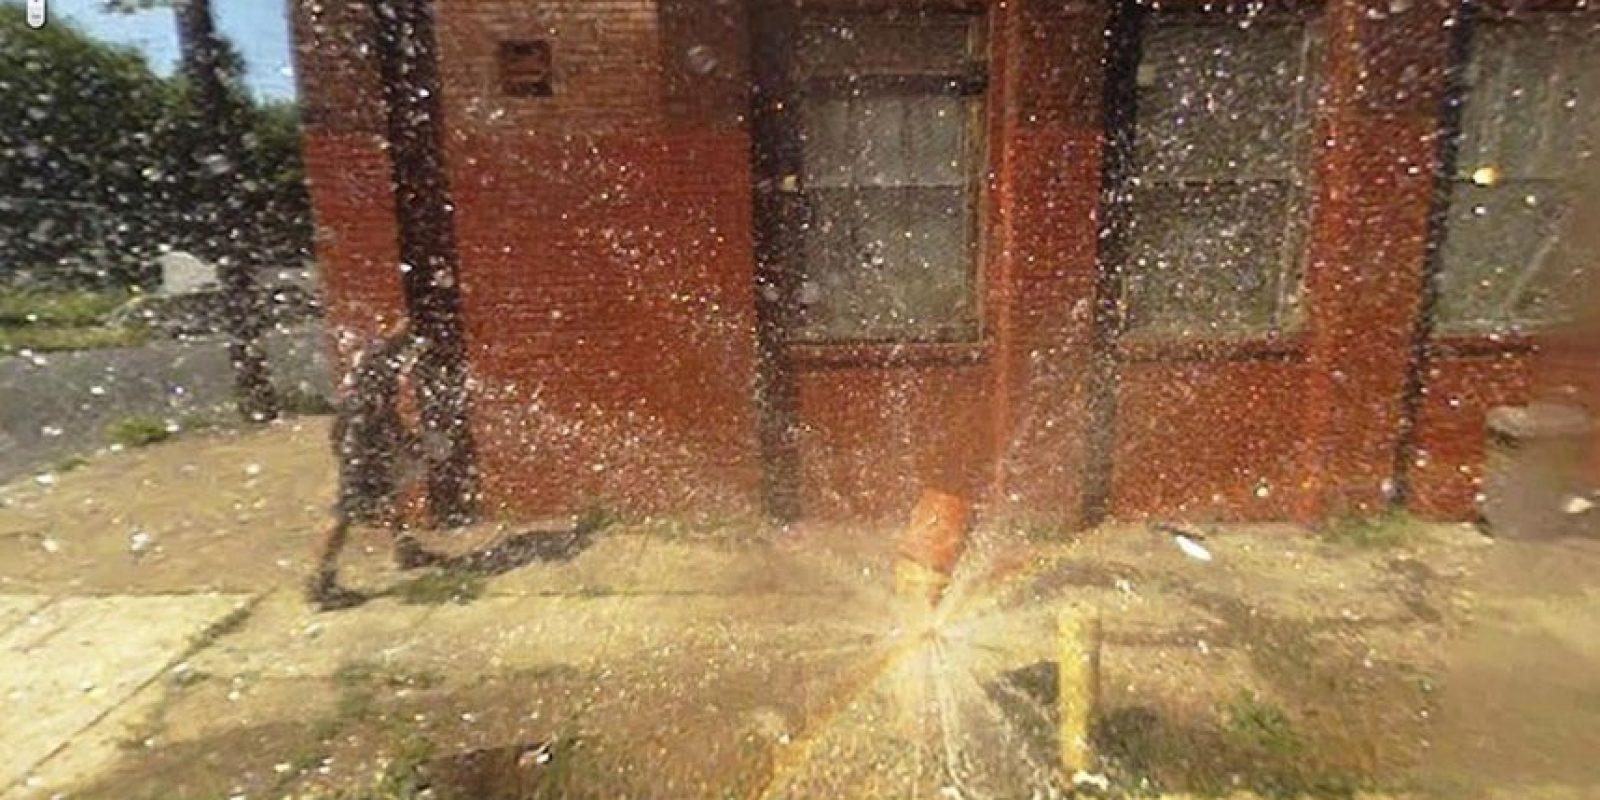 Un conducto de agua roto. Foto:Google